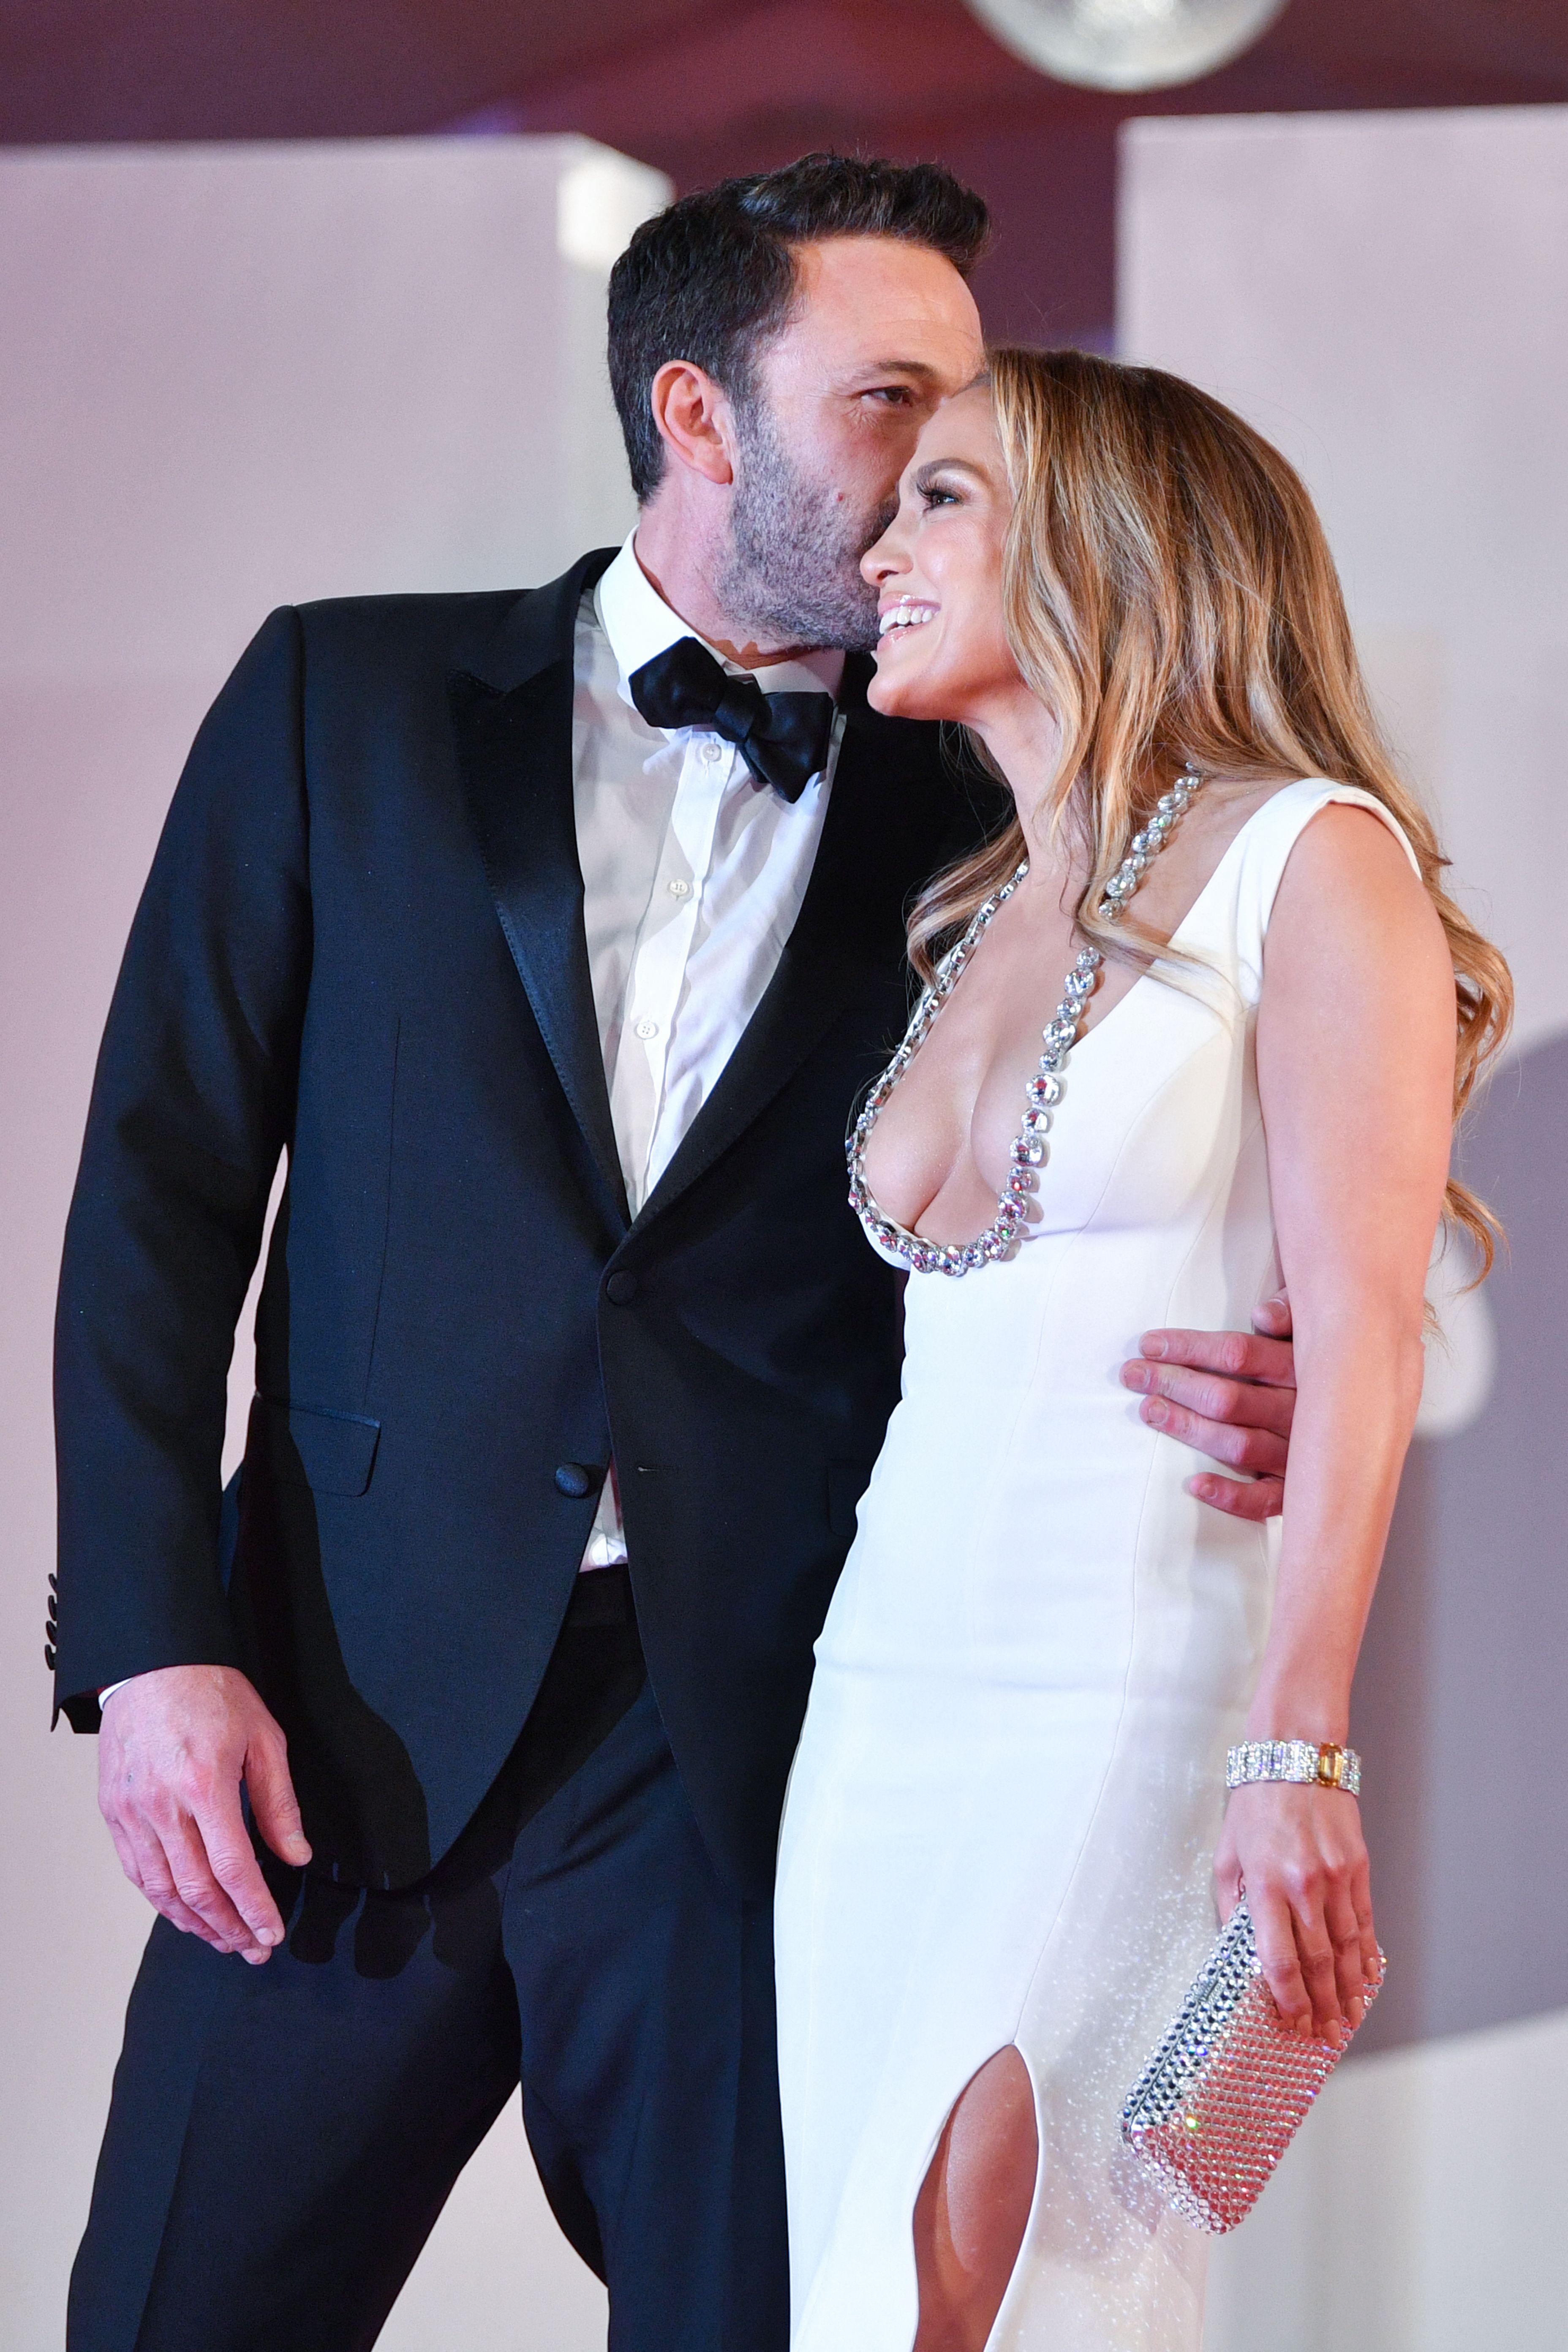 Jennifer Lopez-Ben Affleck Make Their Relationship Official Photo Credit: AFP